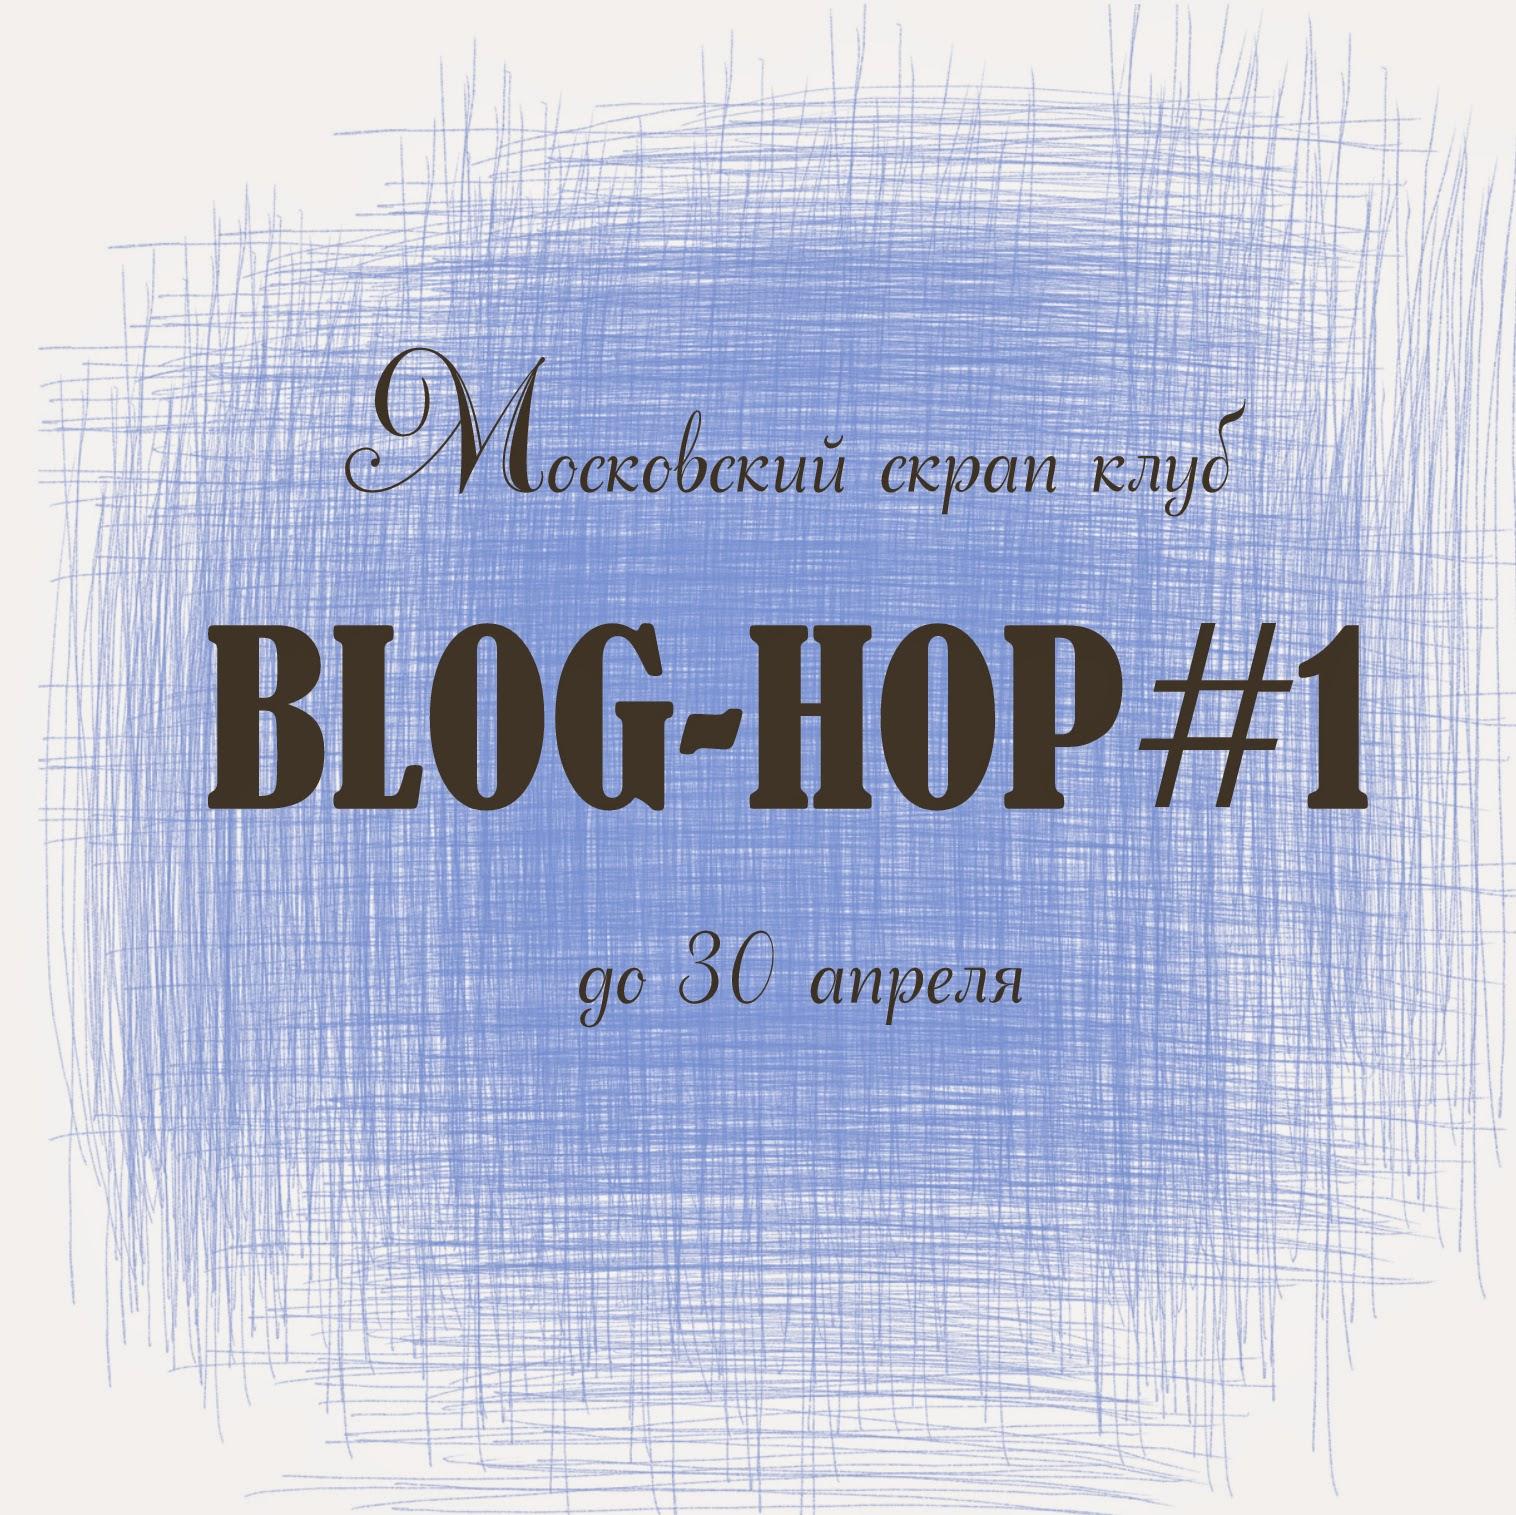 http://scrapslet.blogspot.ru/2015/04/blog-hop-1-msk.html